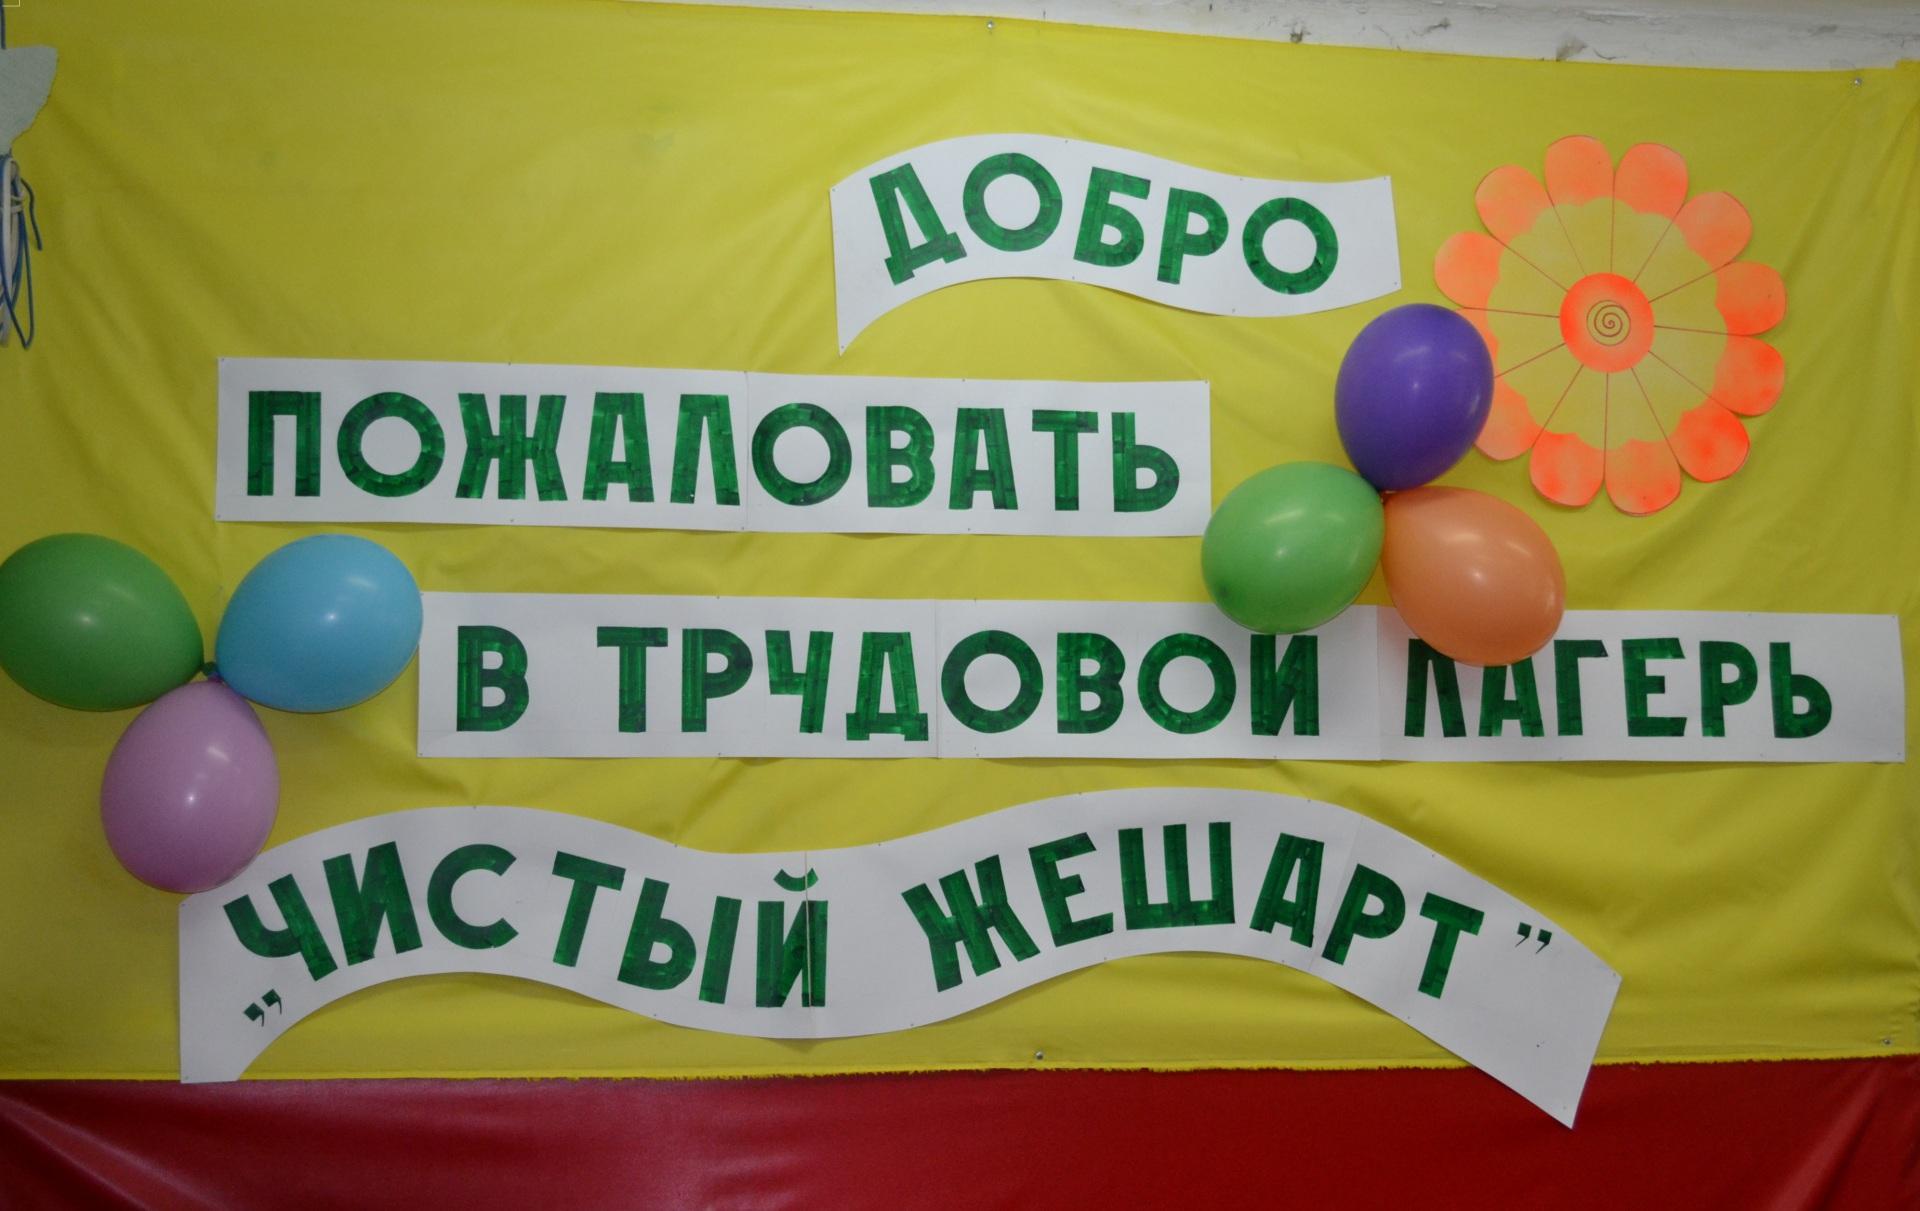 Жешартский фанерный комбинат запускает летнюю кампанию по трудоустройству подростков